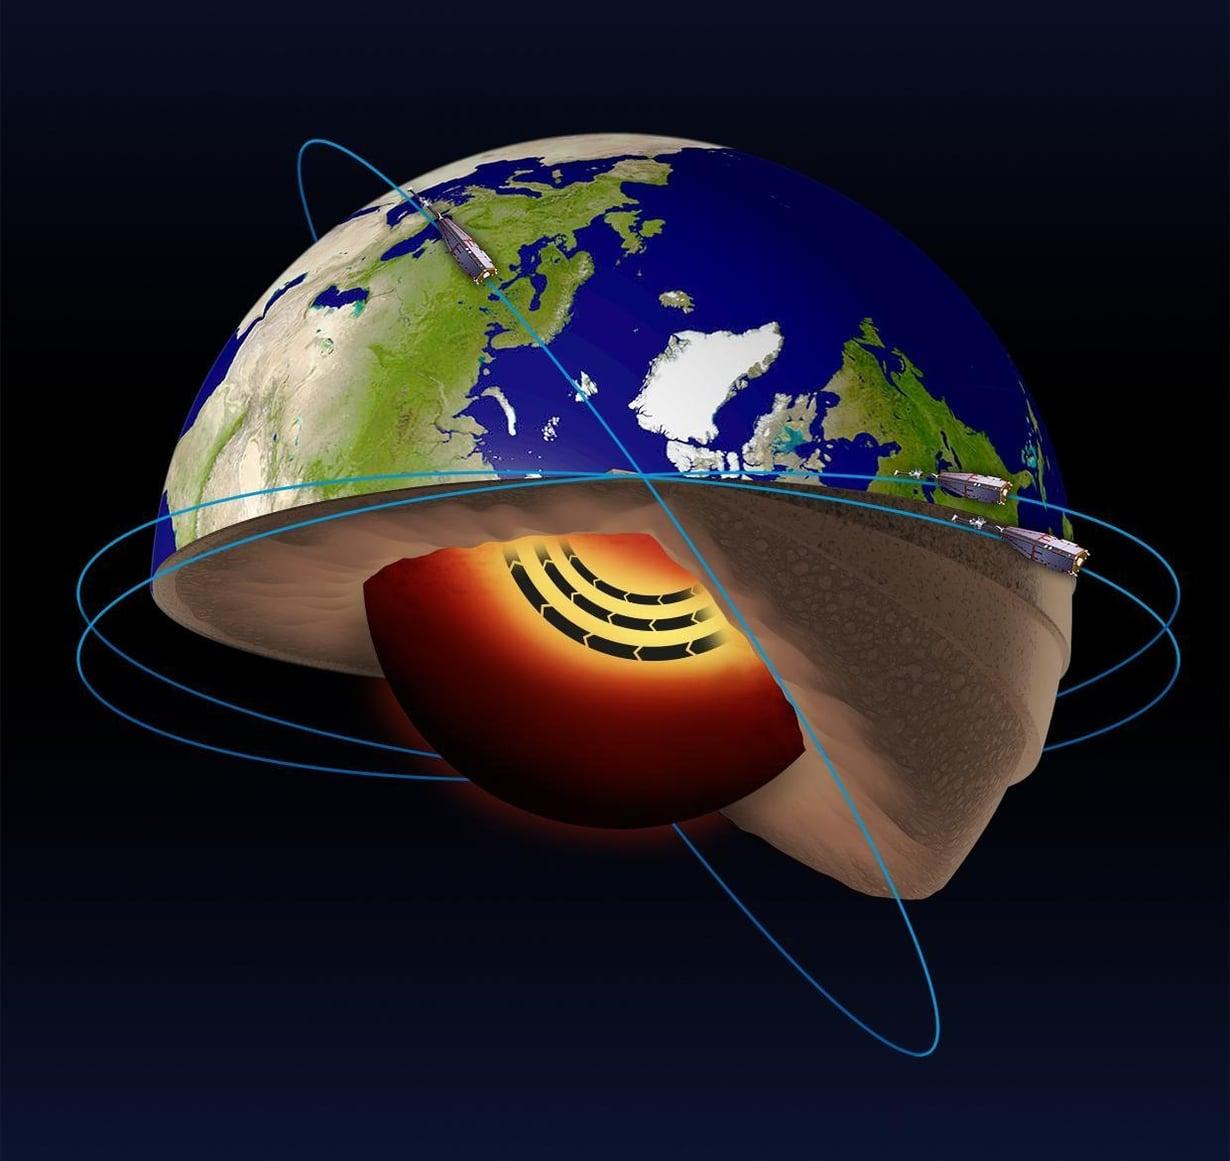 Maan sisuksen napavirtaus saattaa selittää, miksi magneettinen pohjoisnapa liikkuu niin vinhasti. Kuva: Esa